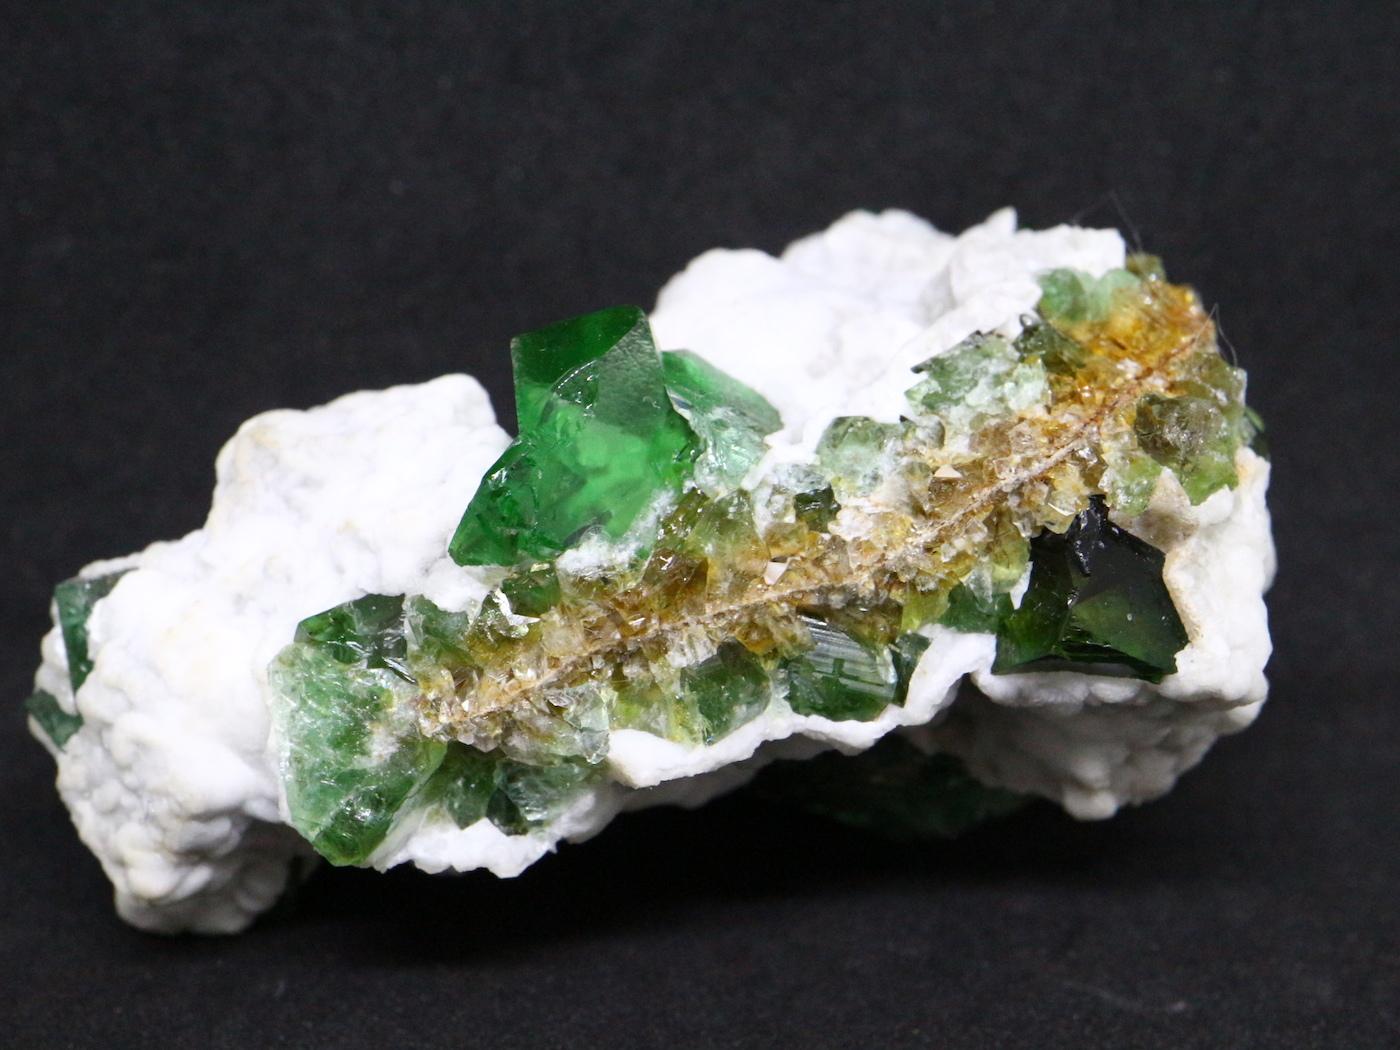 グリーン フローライト 蛍石 原石 イギリス産 83,7g  FL009